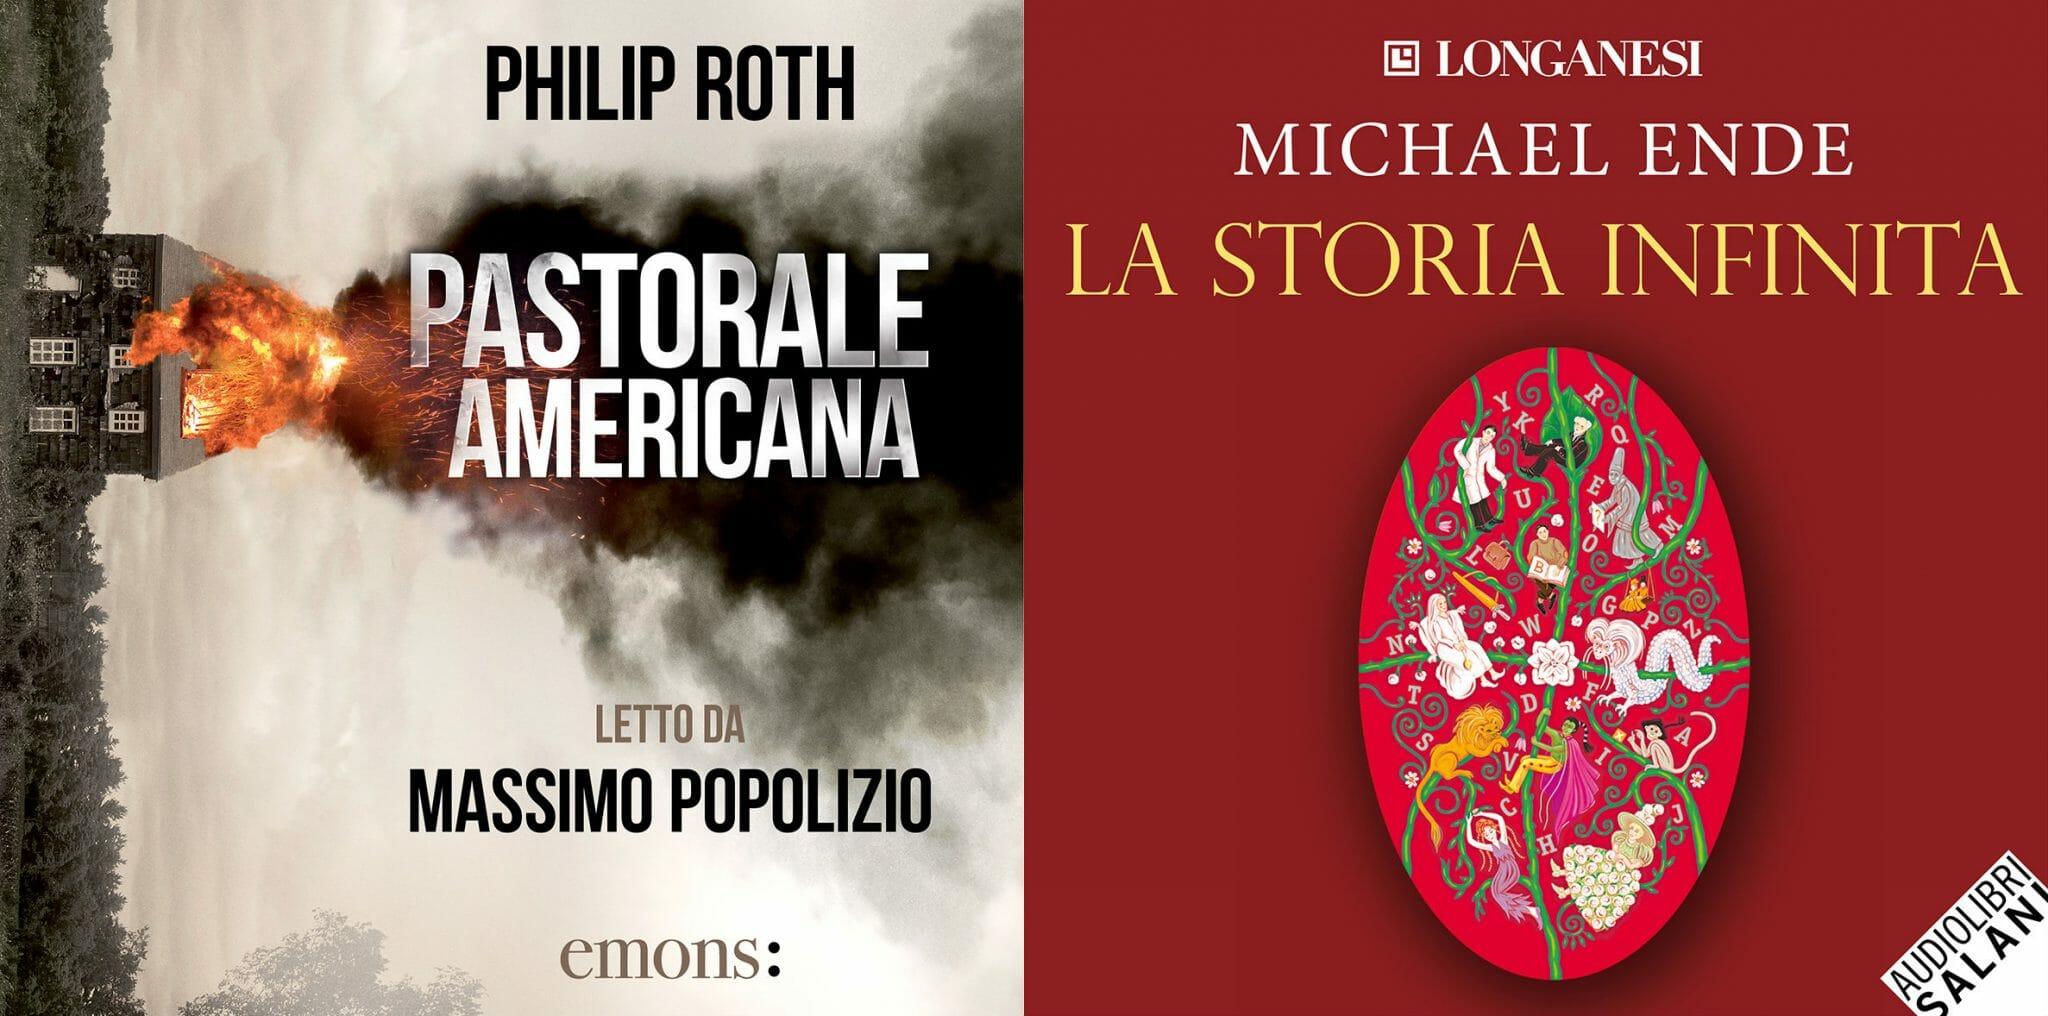 """""""Pastorale americana"""" di Roth e """"La storia infinita"""" di Ende: ascolta il podcast L'audiolibraio"""